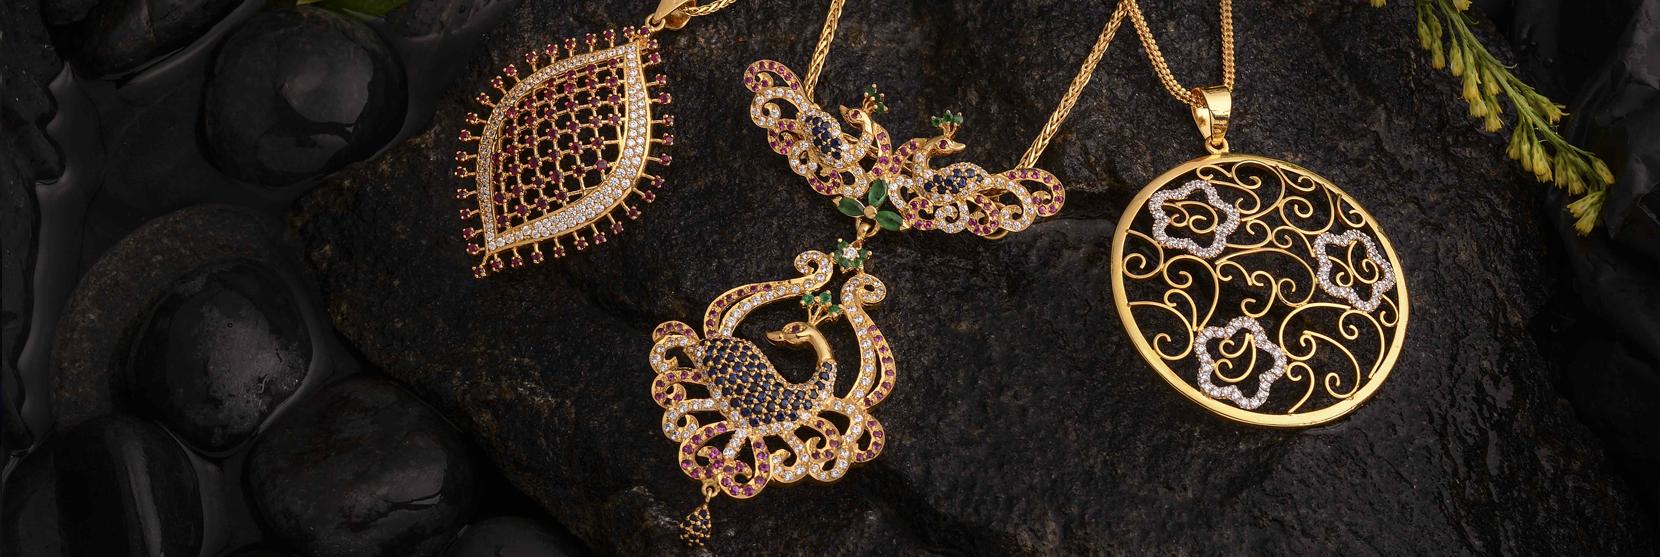 Nithyakalyani Jewellery | adahari.com